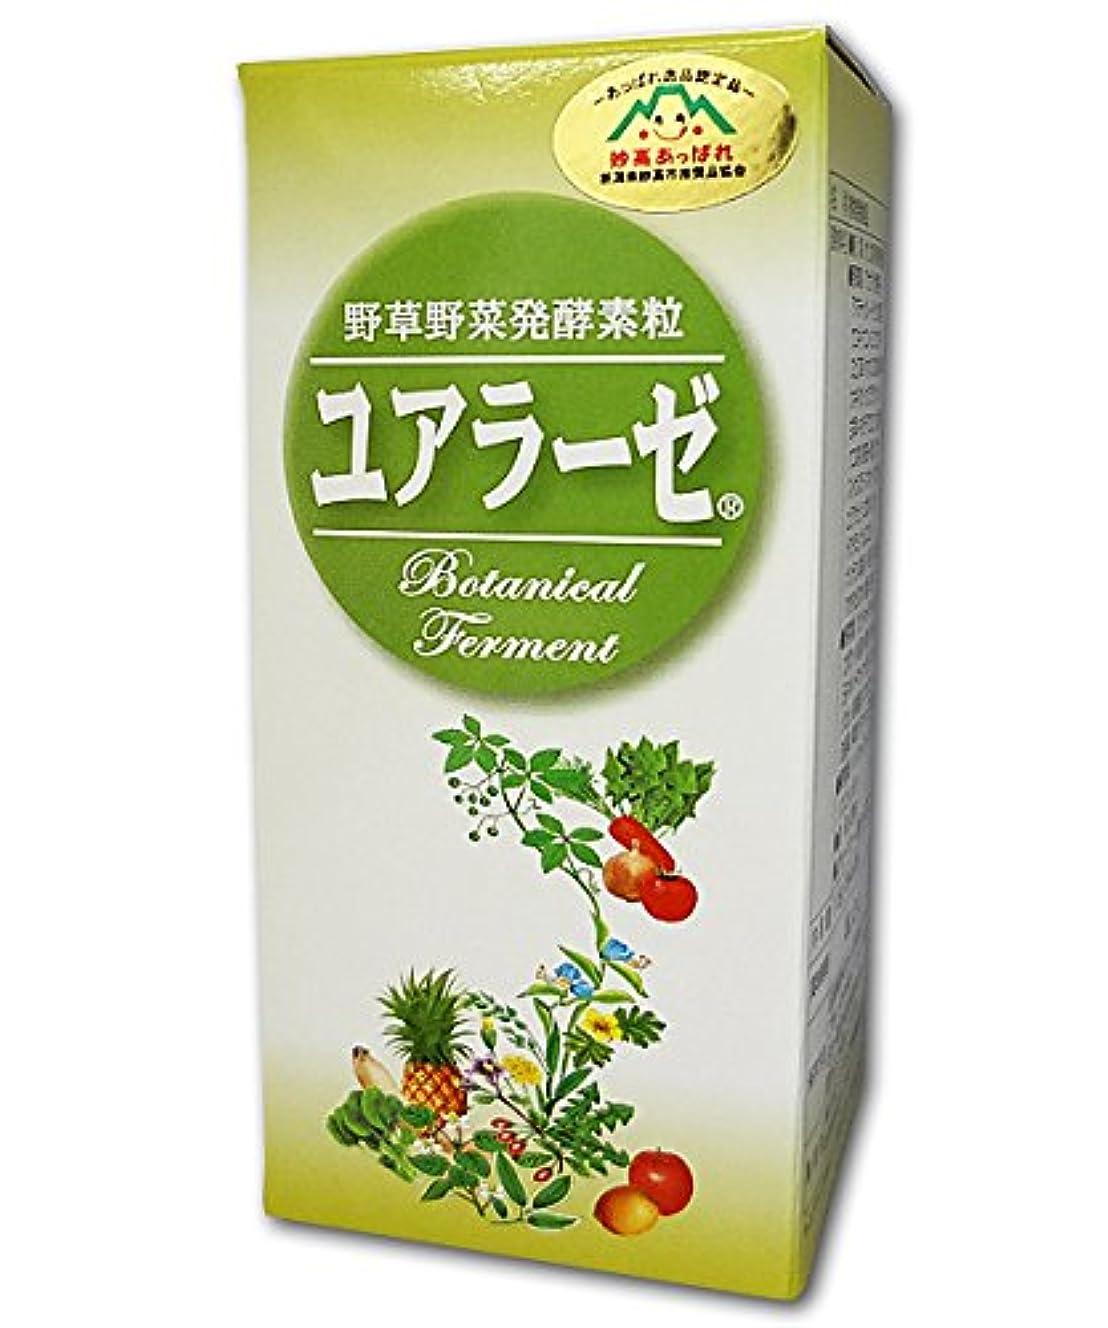 お酒成人期不名誉ミヤトウ野草野草醗酵素粒 ユアラーゼ 450粒